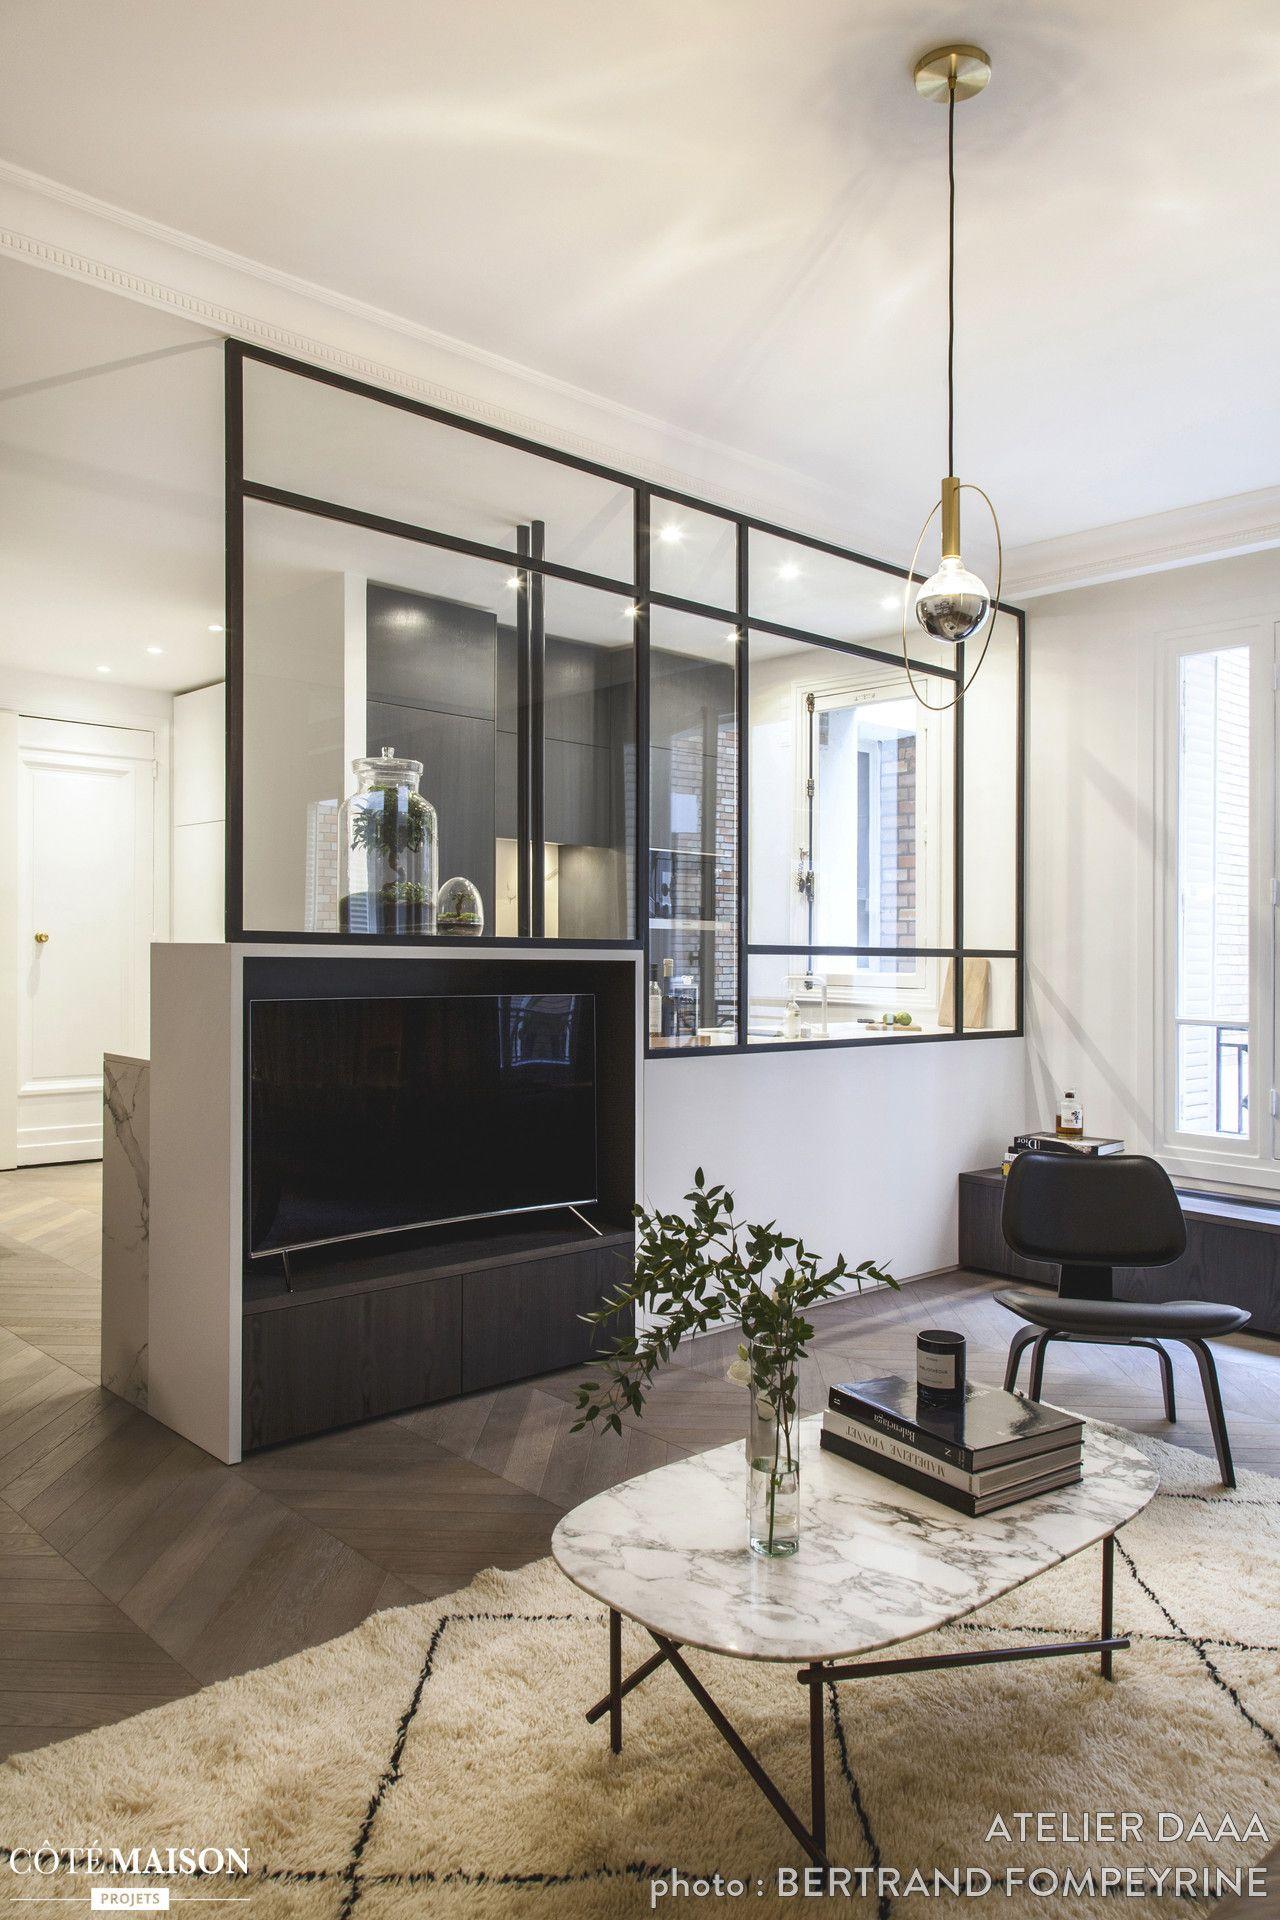 Appartement de 65m2 paris paris atelier daaa - Architecte interieur paris petite surface ...